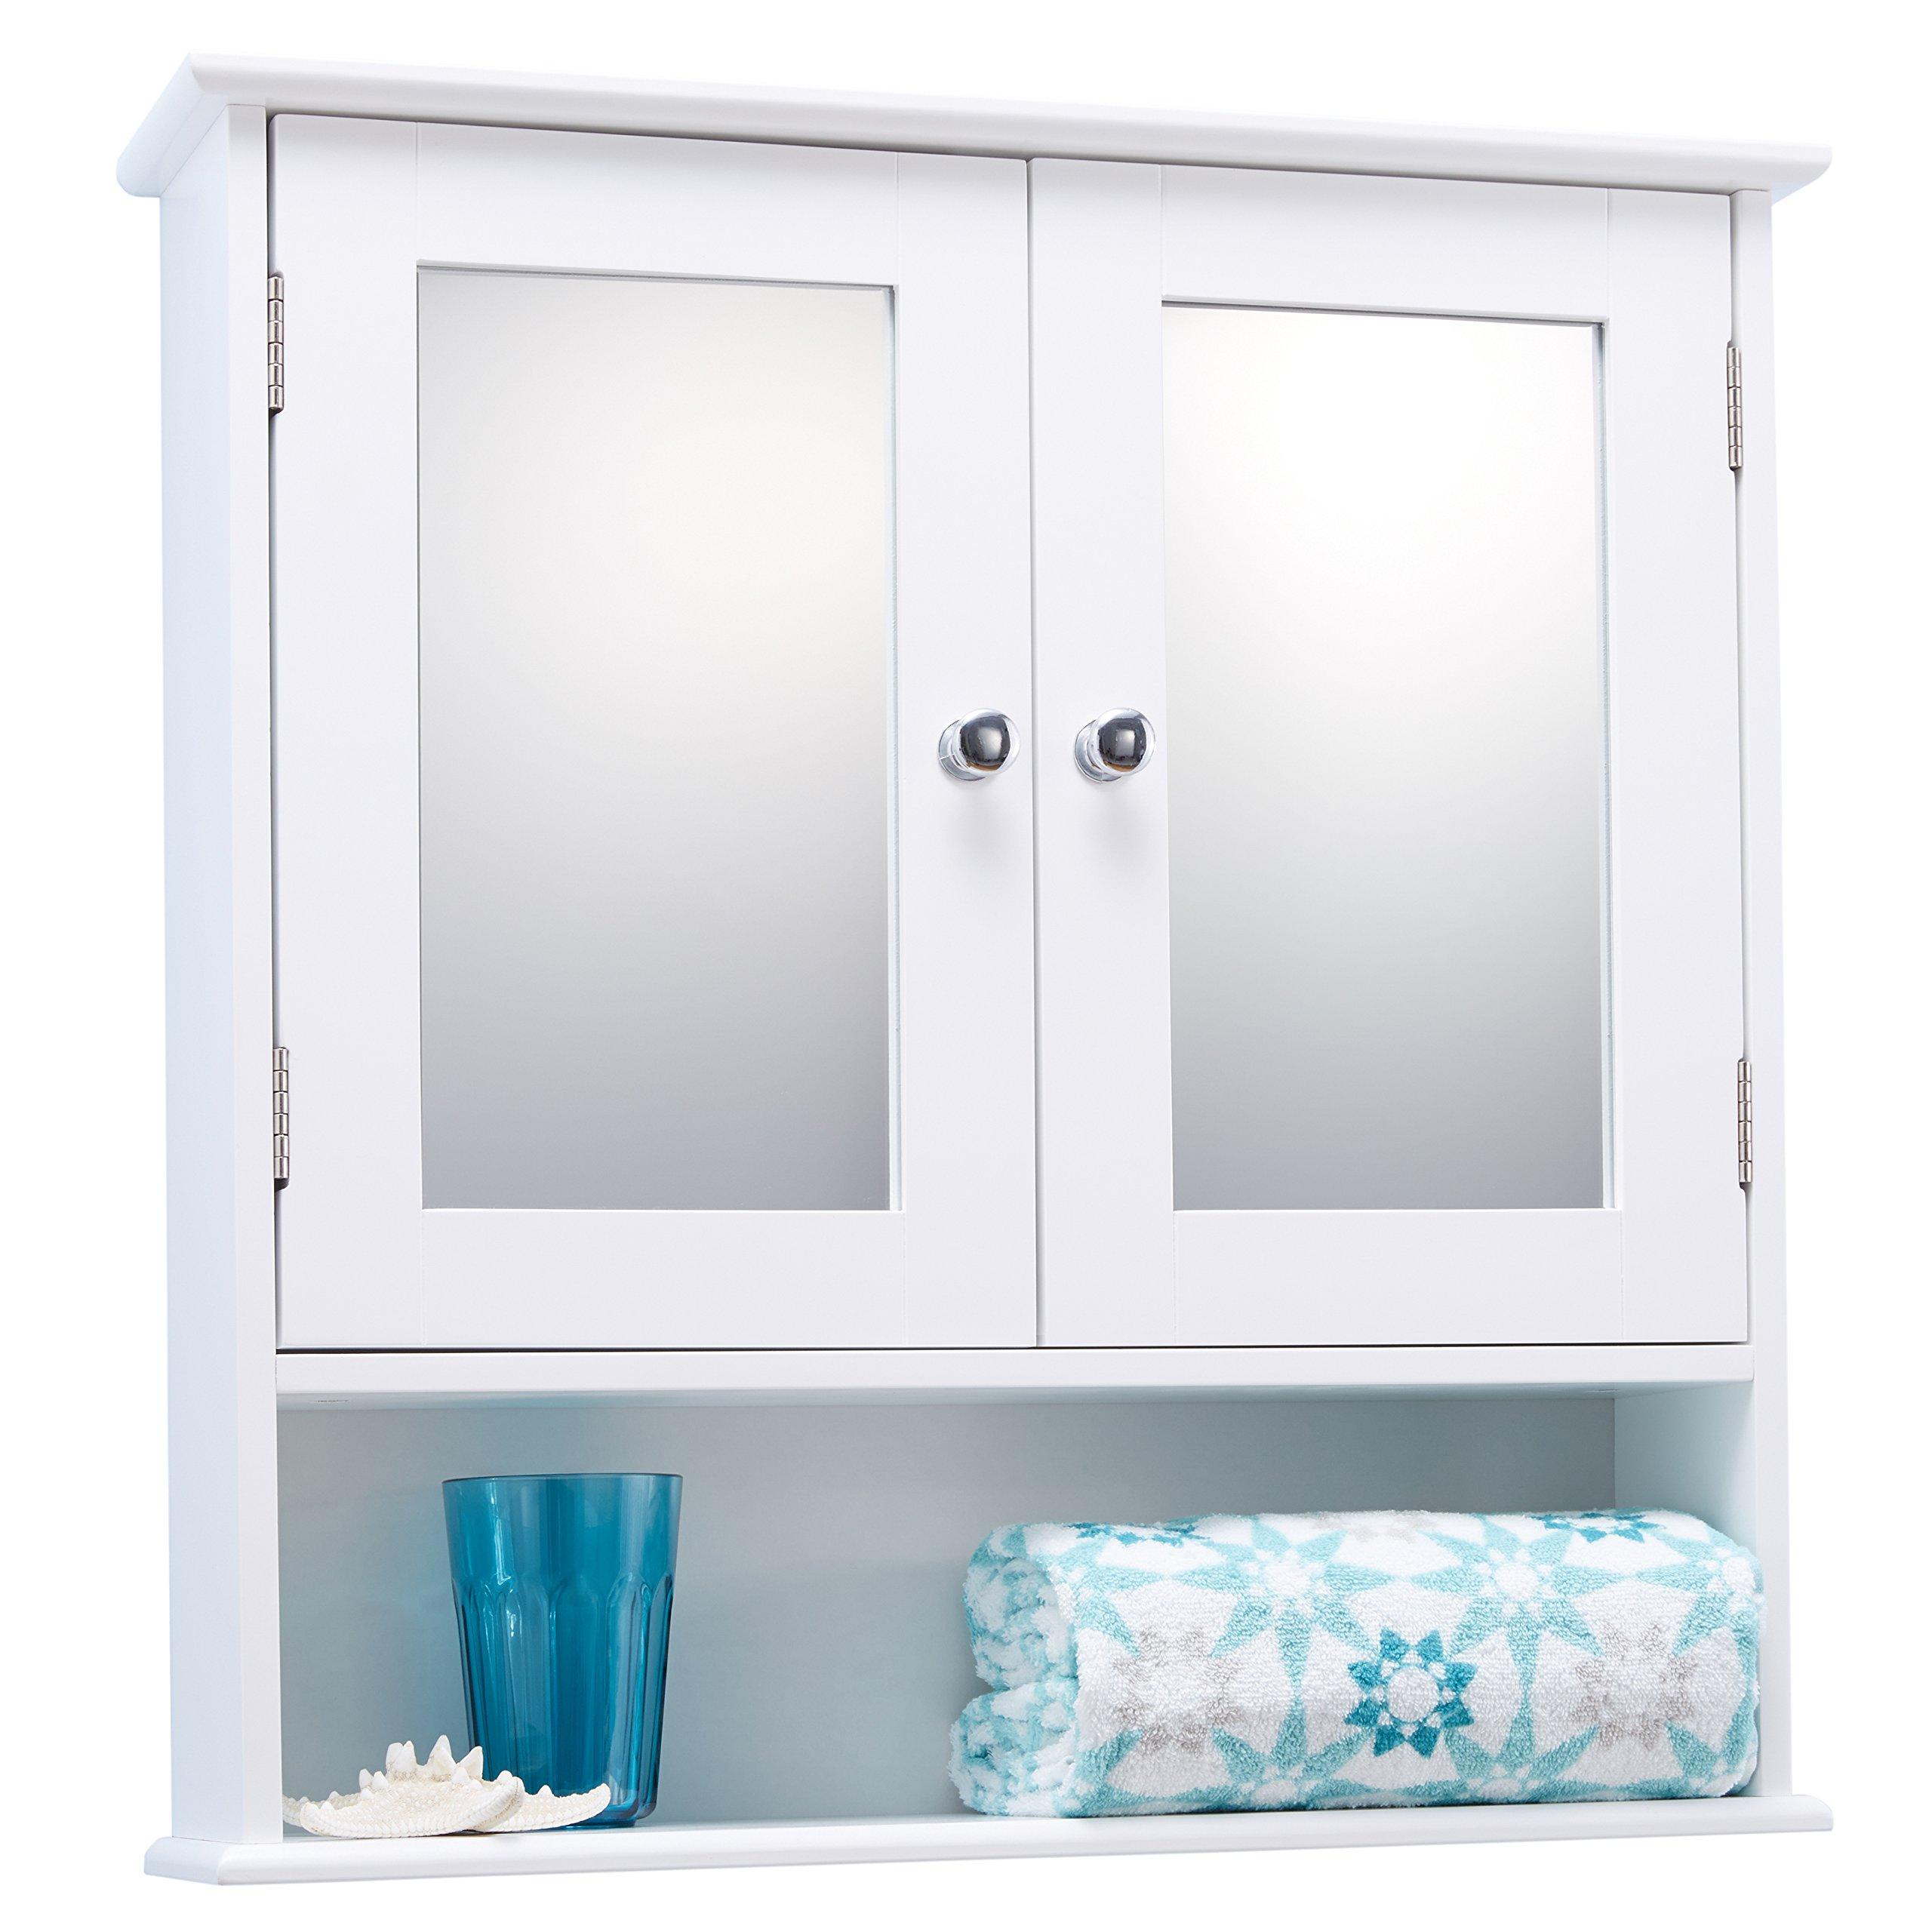 Double Door White Bathroom Mirror Cabinet Mirrored Bathroom Cabinet by Portland